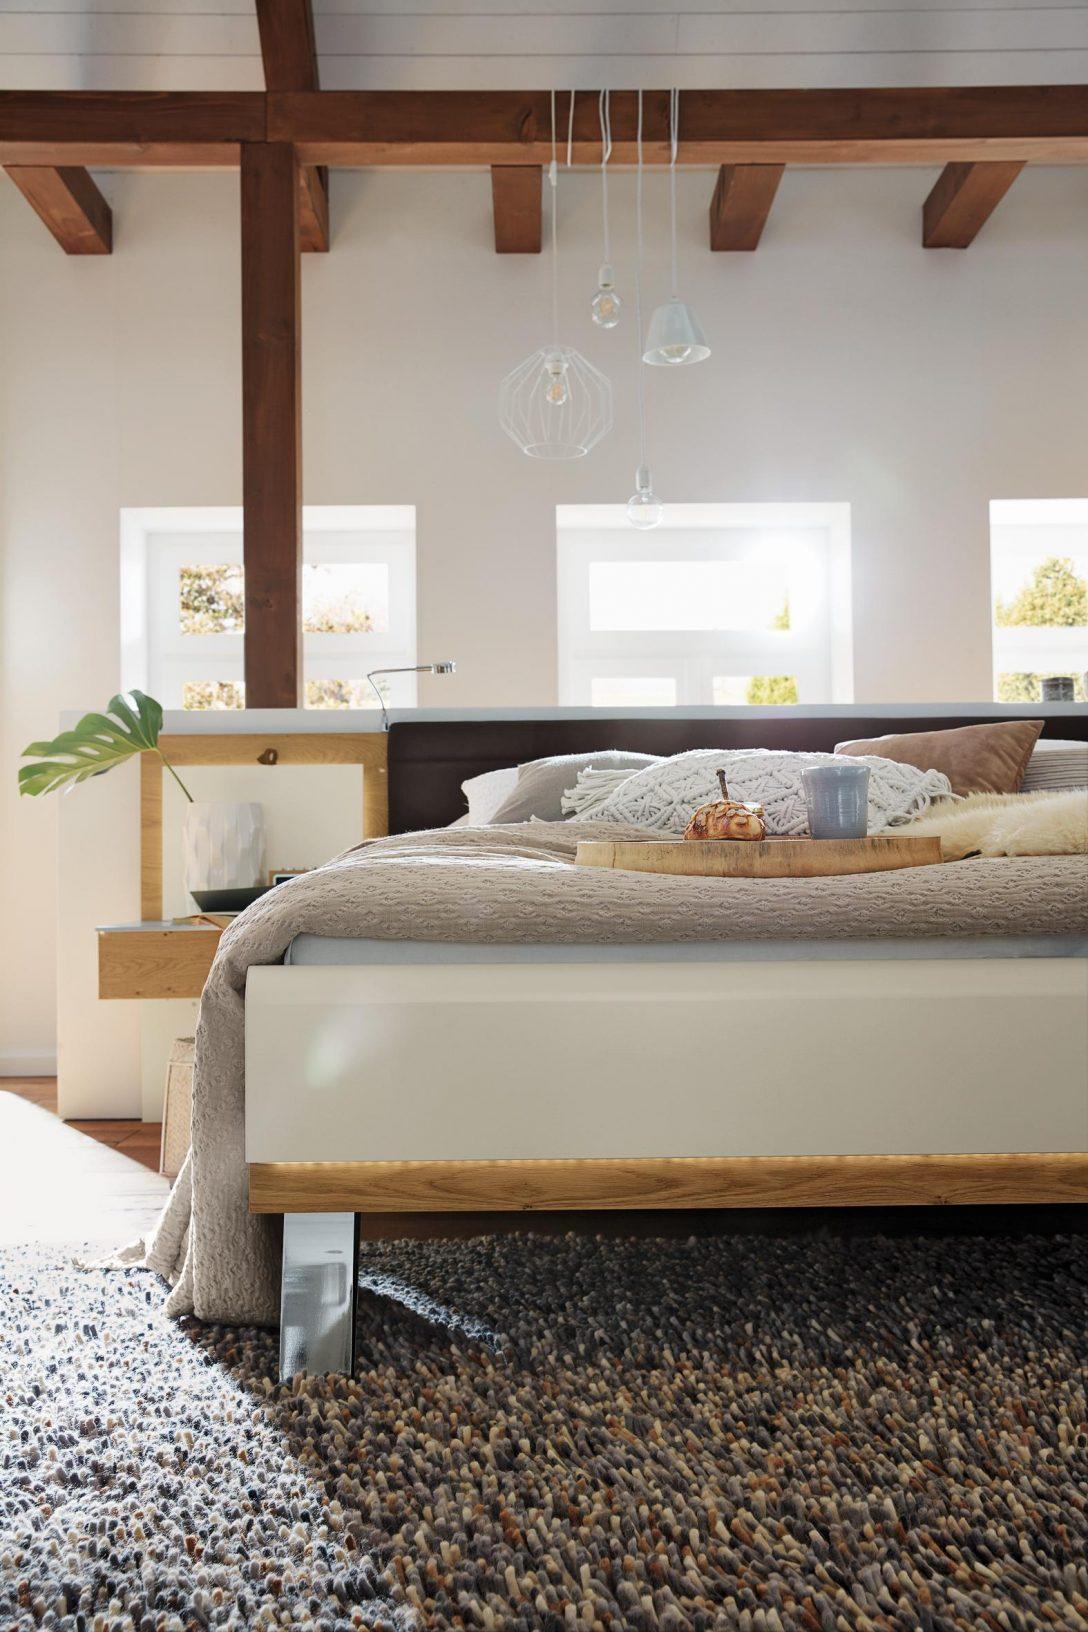 Large Size of Saphira Musterring Kinder Betten Ausgefallene Mit Bettkasten Günstige 180x200 160x200 200x220 Poco Paradies Luxus Französische Matratze Und Lattenrost Bett Musterring Betten